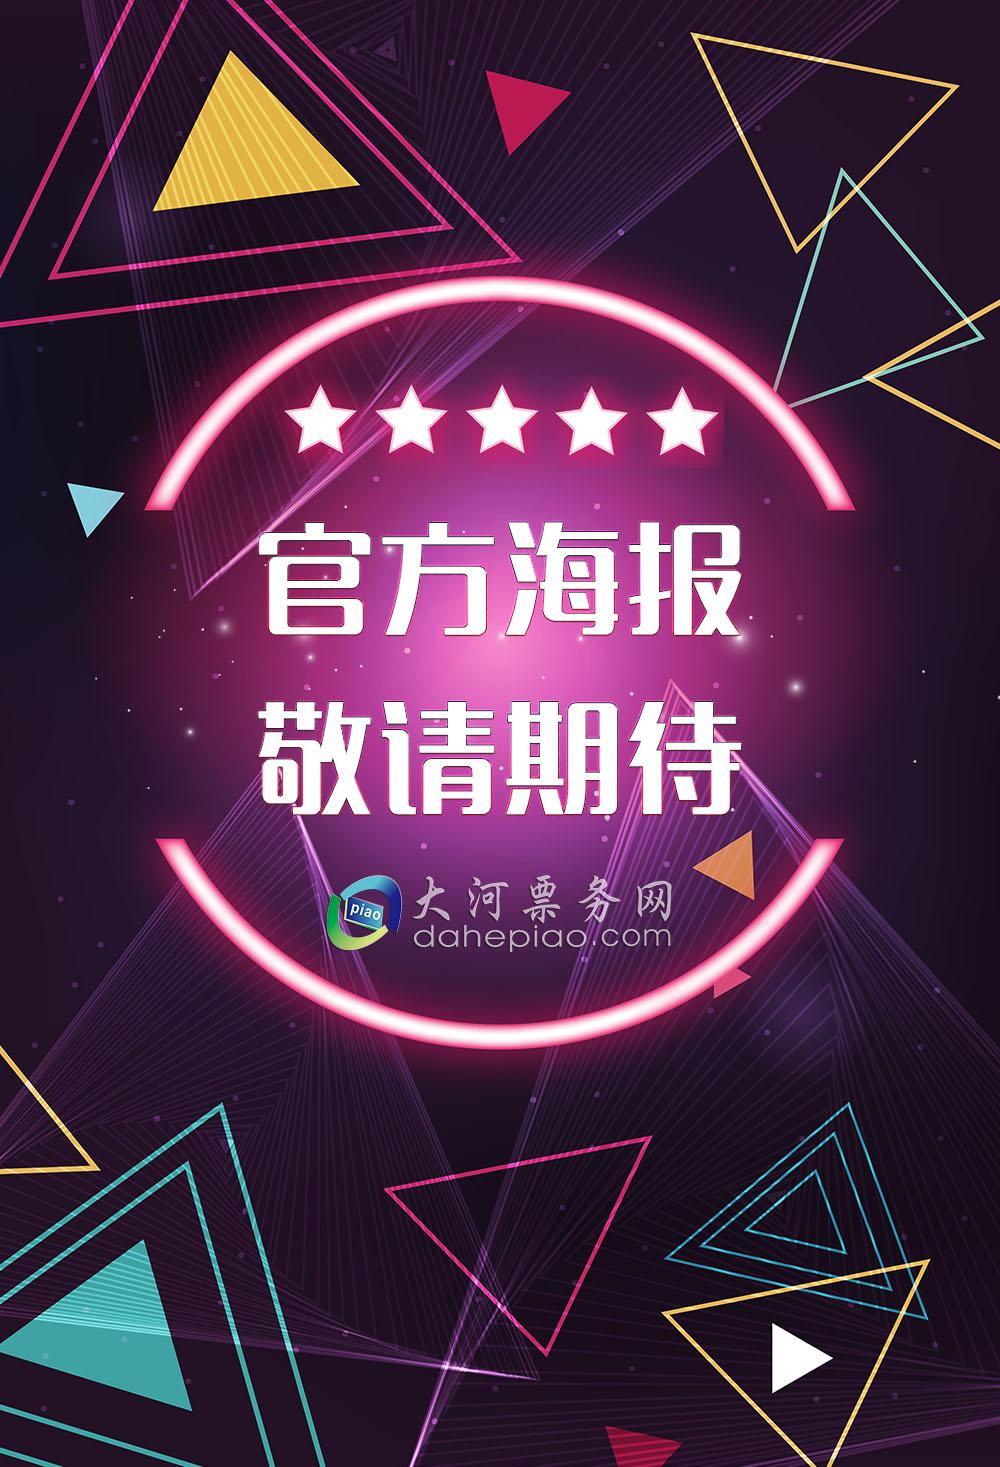 吴青峰合肥演唱会